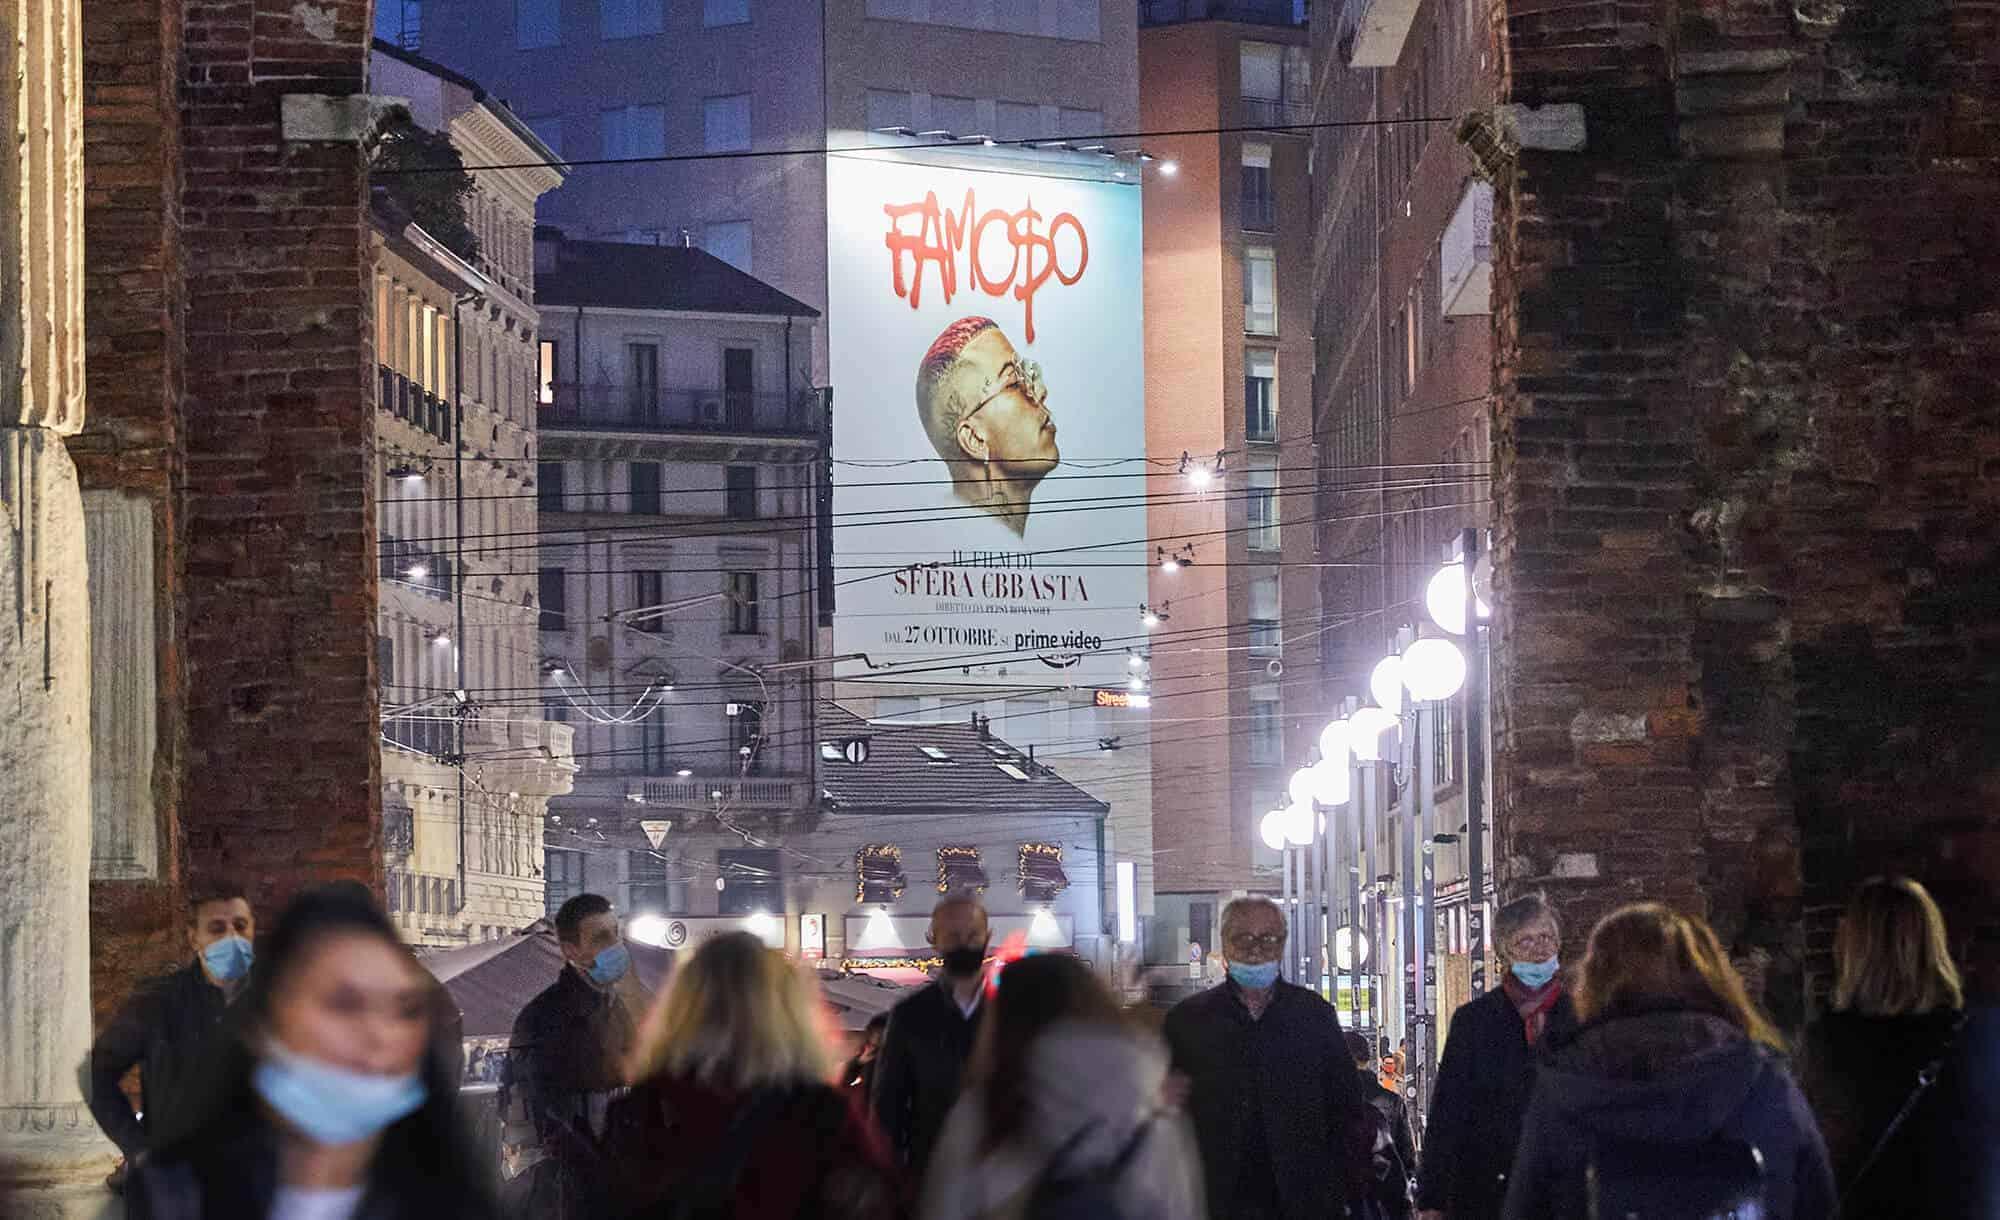 Maxi Affissione Streetvox in Largo Carrobbio su Hotel Ariston a Milano con Sfera Ebbasta Amazon (movie)